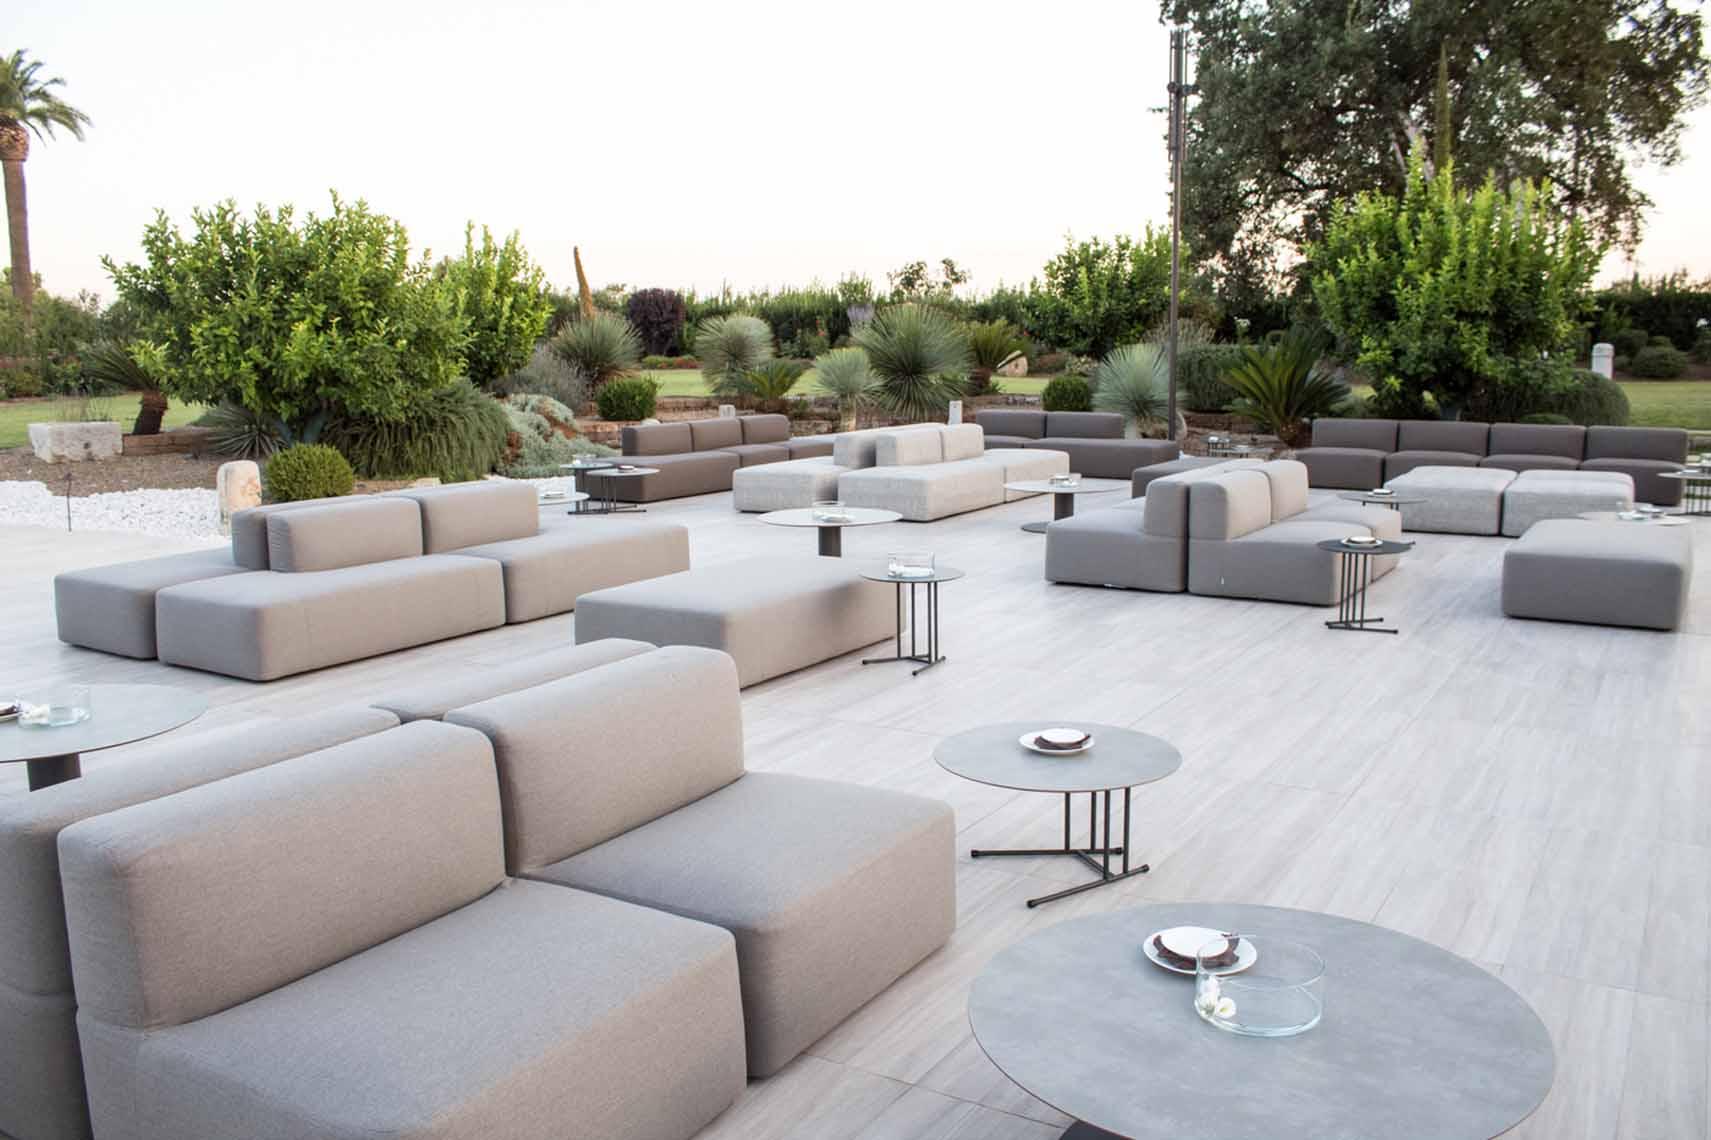 Arnieci lounge un ampio spazio esterno dal design moderno for Design dello spazio esterno